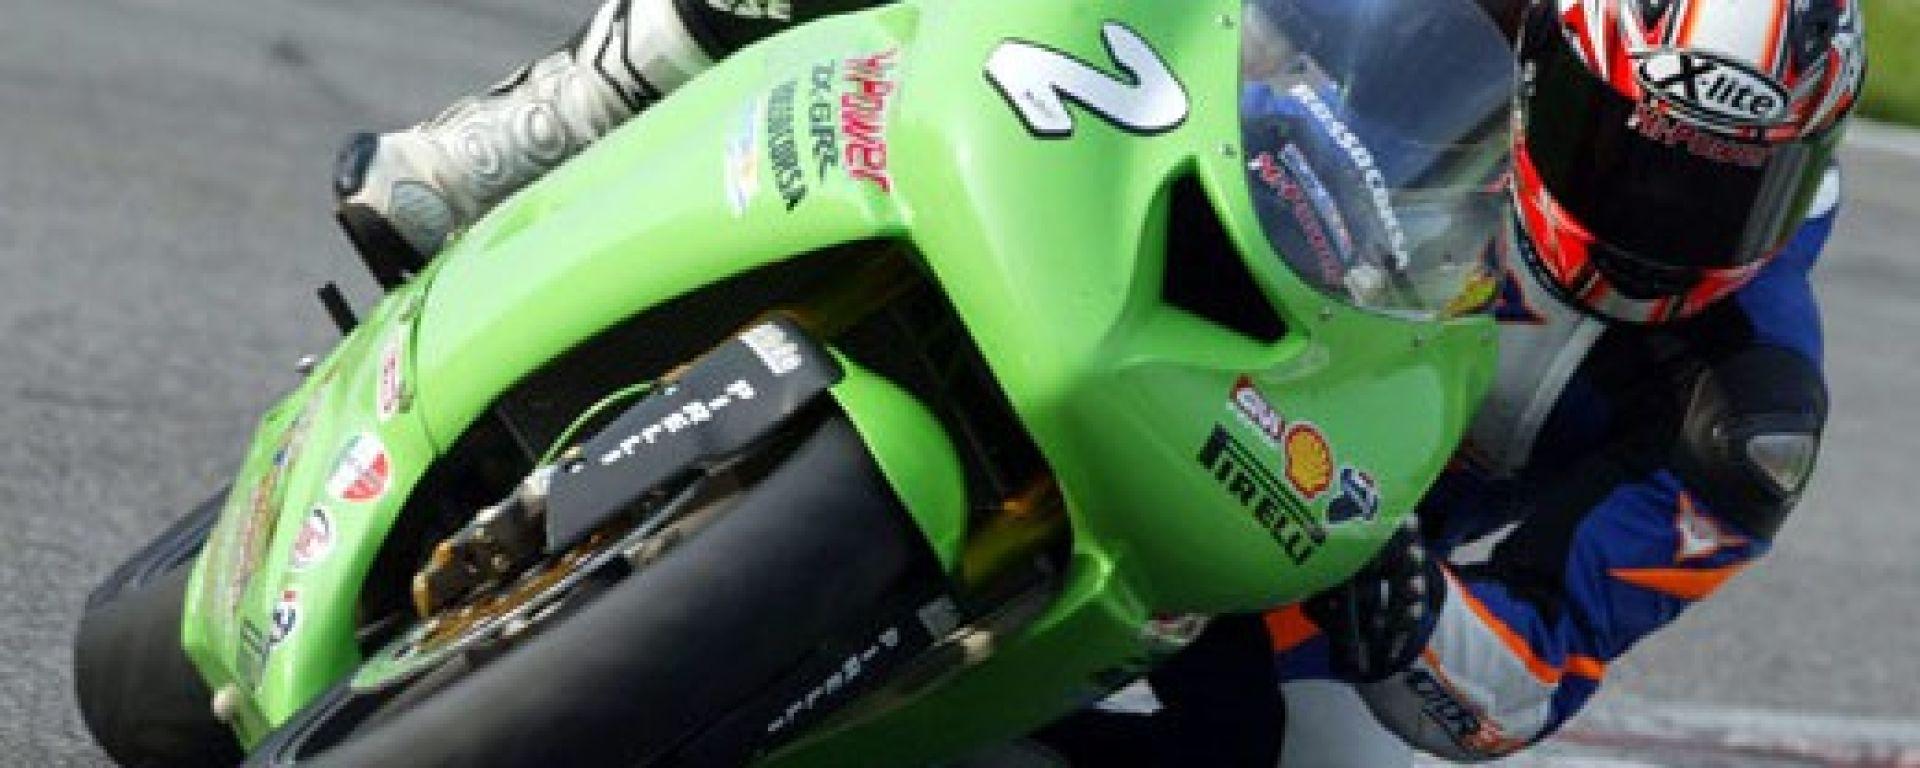 Ninja Trophy 2005 Monza